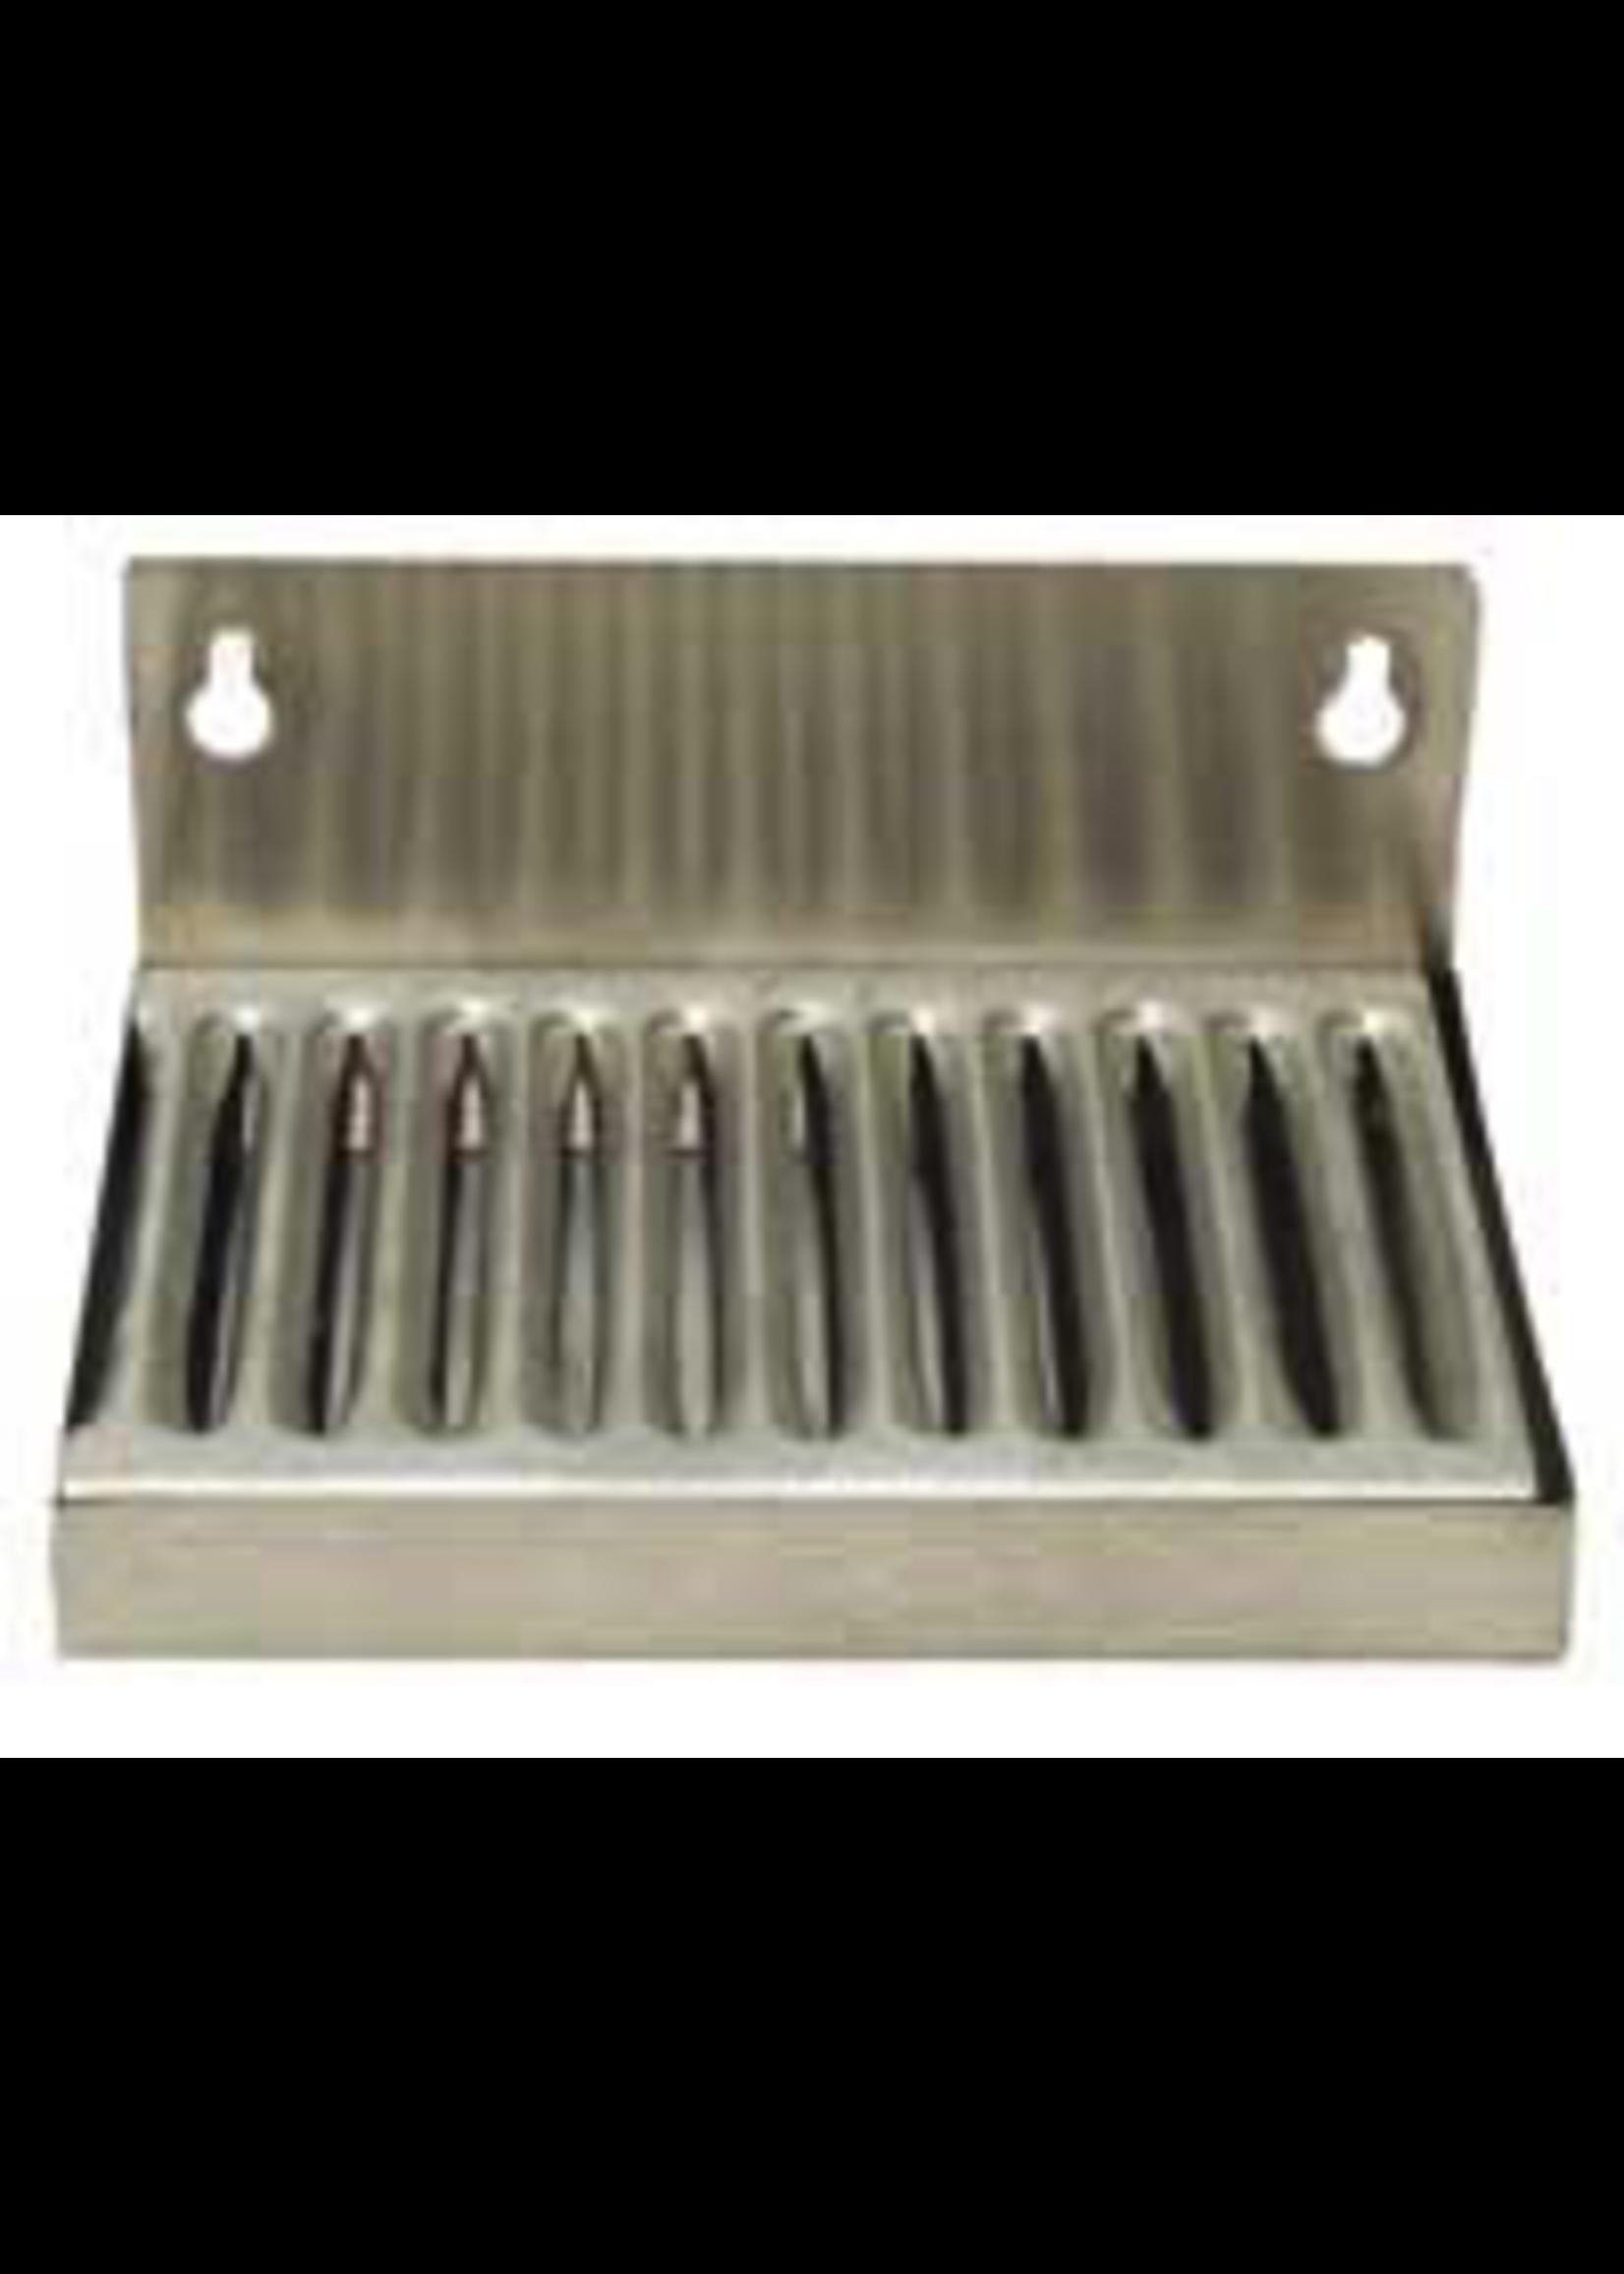 """Kegging Wall Mount Stainless Steel Drip Tray - 6"""" x 4.5"""" (2"""" Backsplash)"""